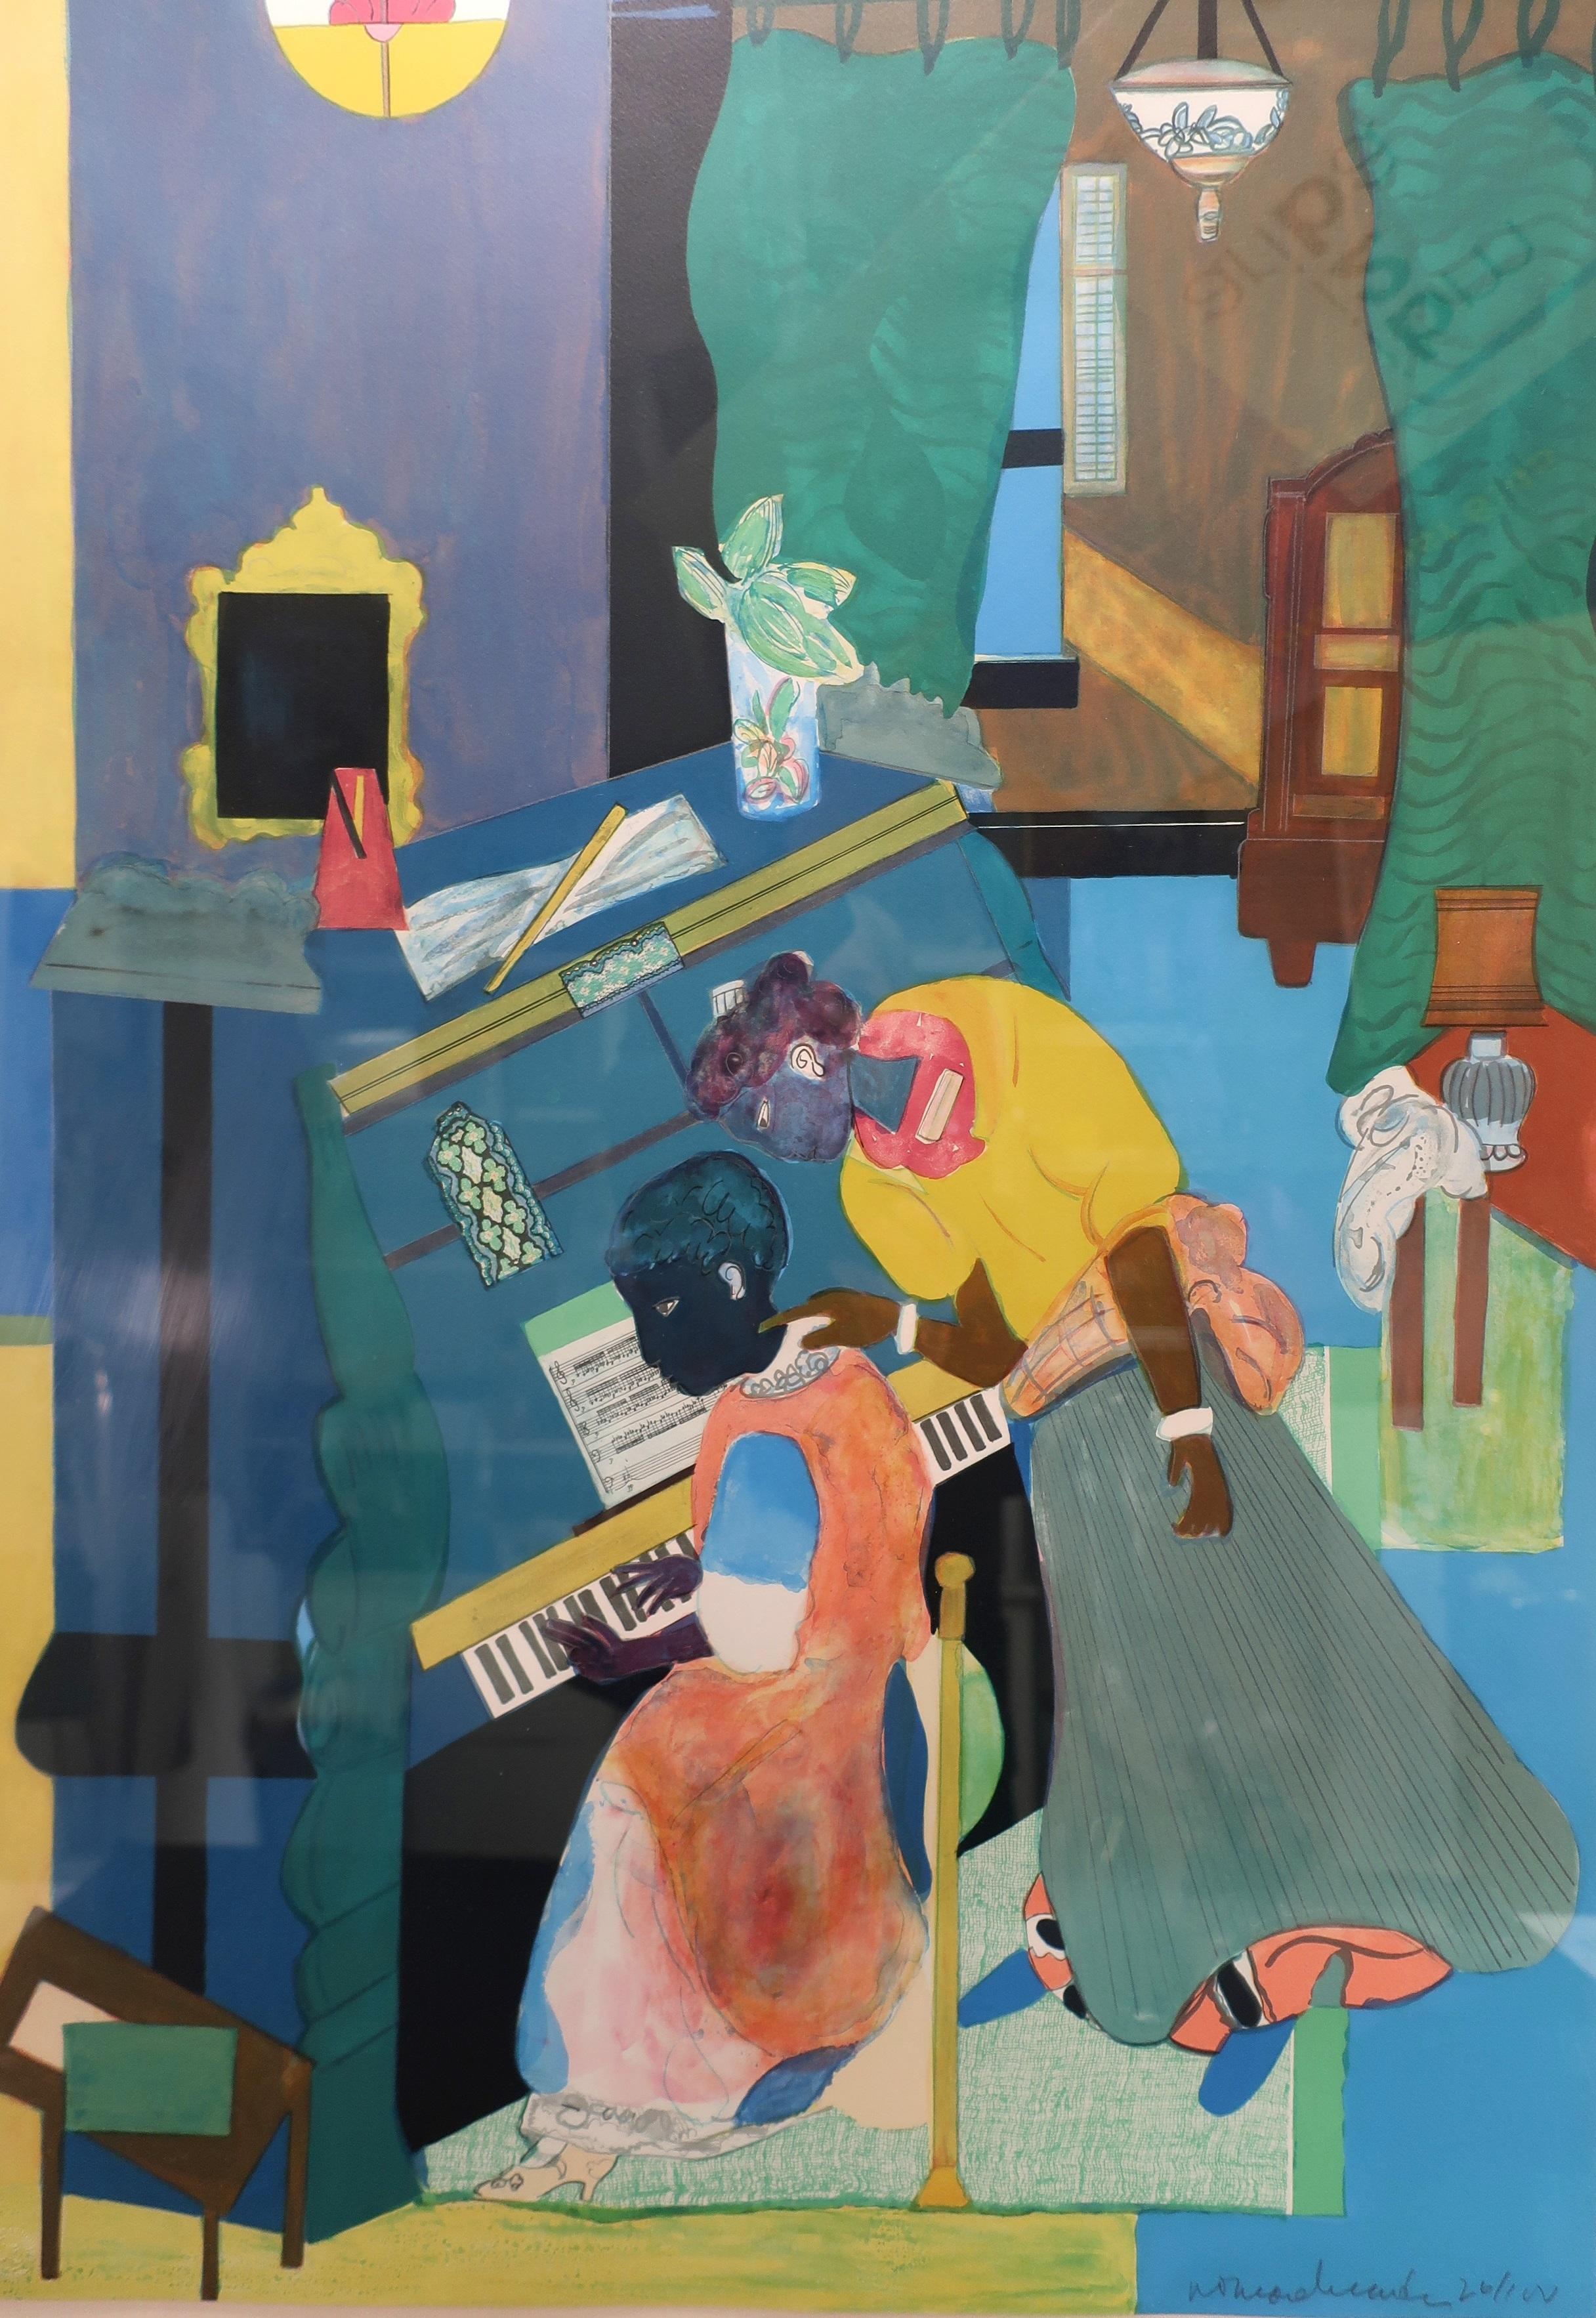 Romare Bearden, Am., 1911-1988, Piano Lesson, Color Lithograph